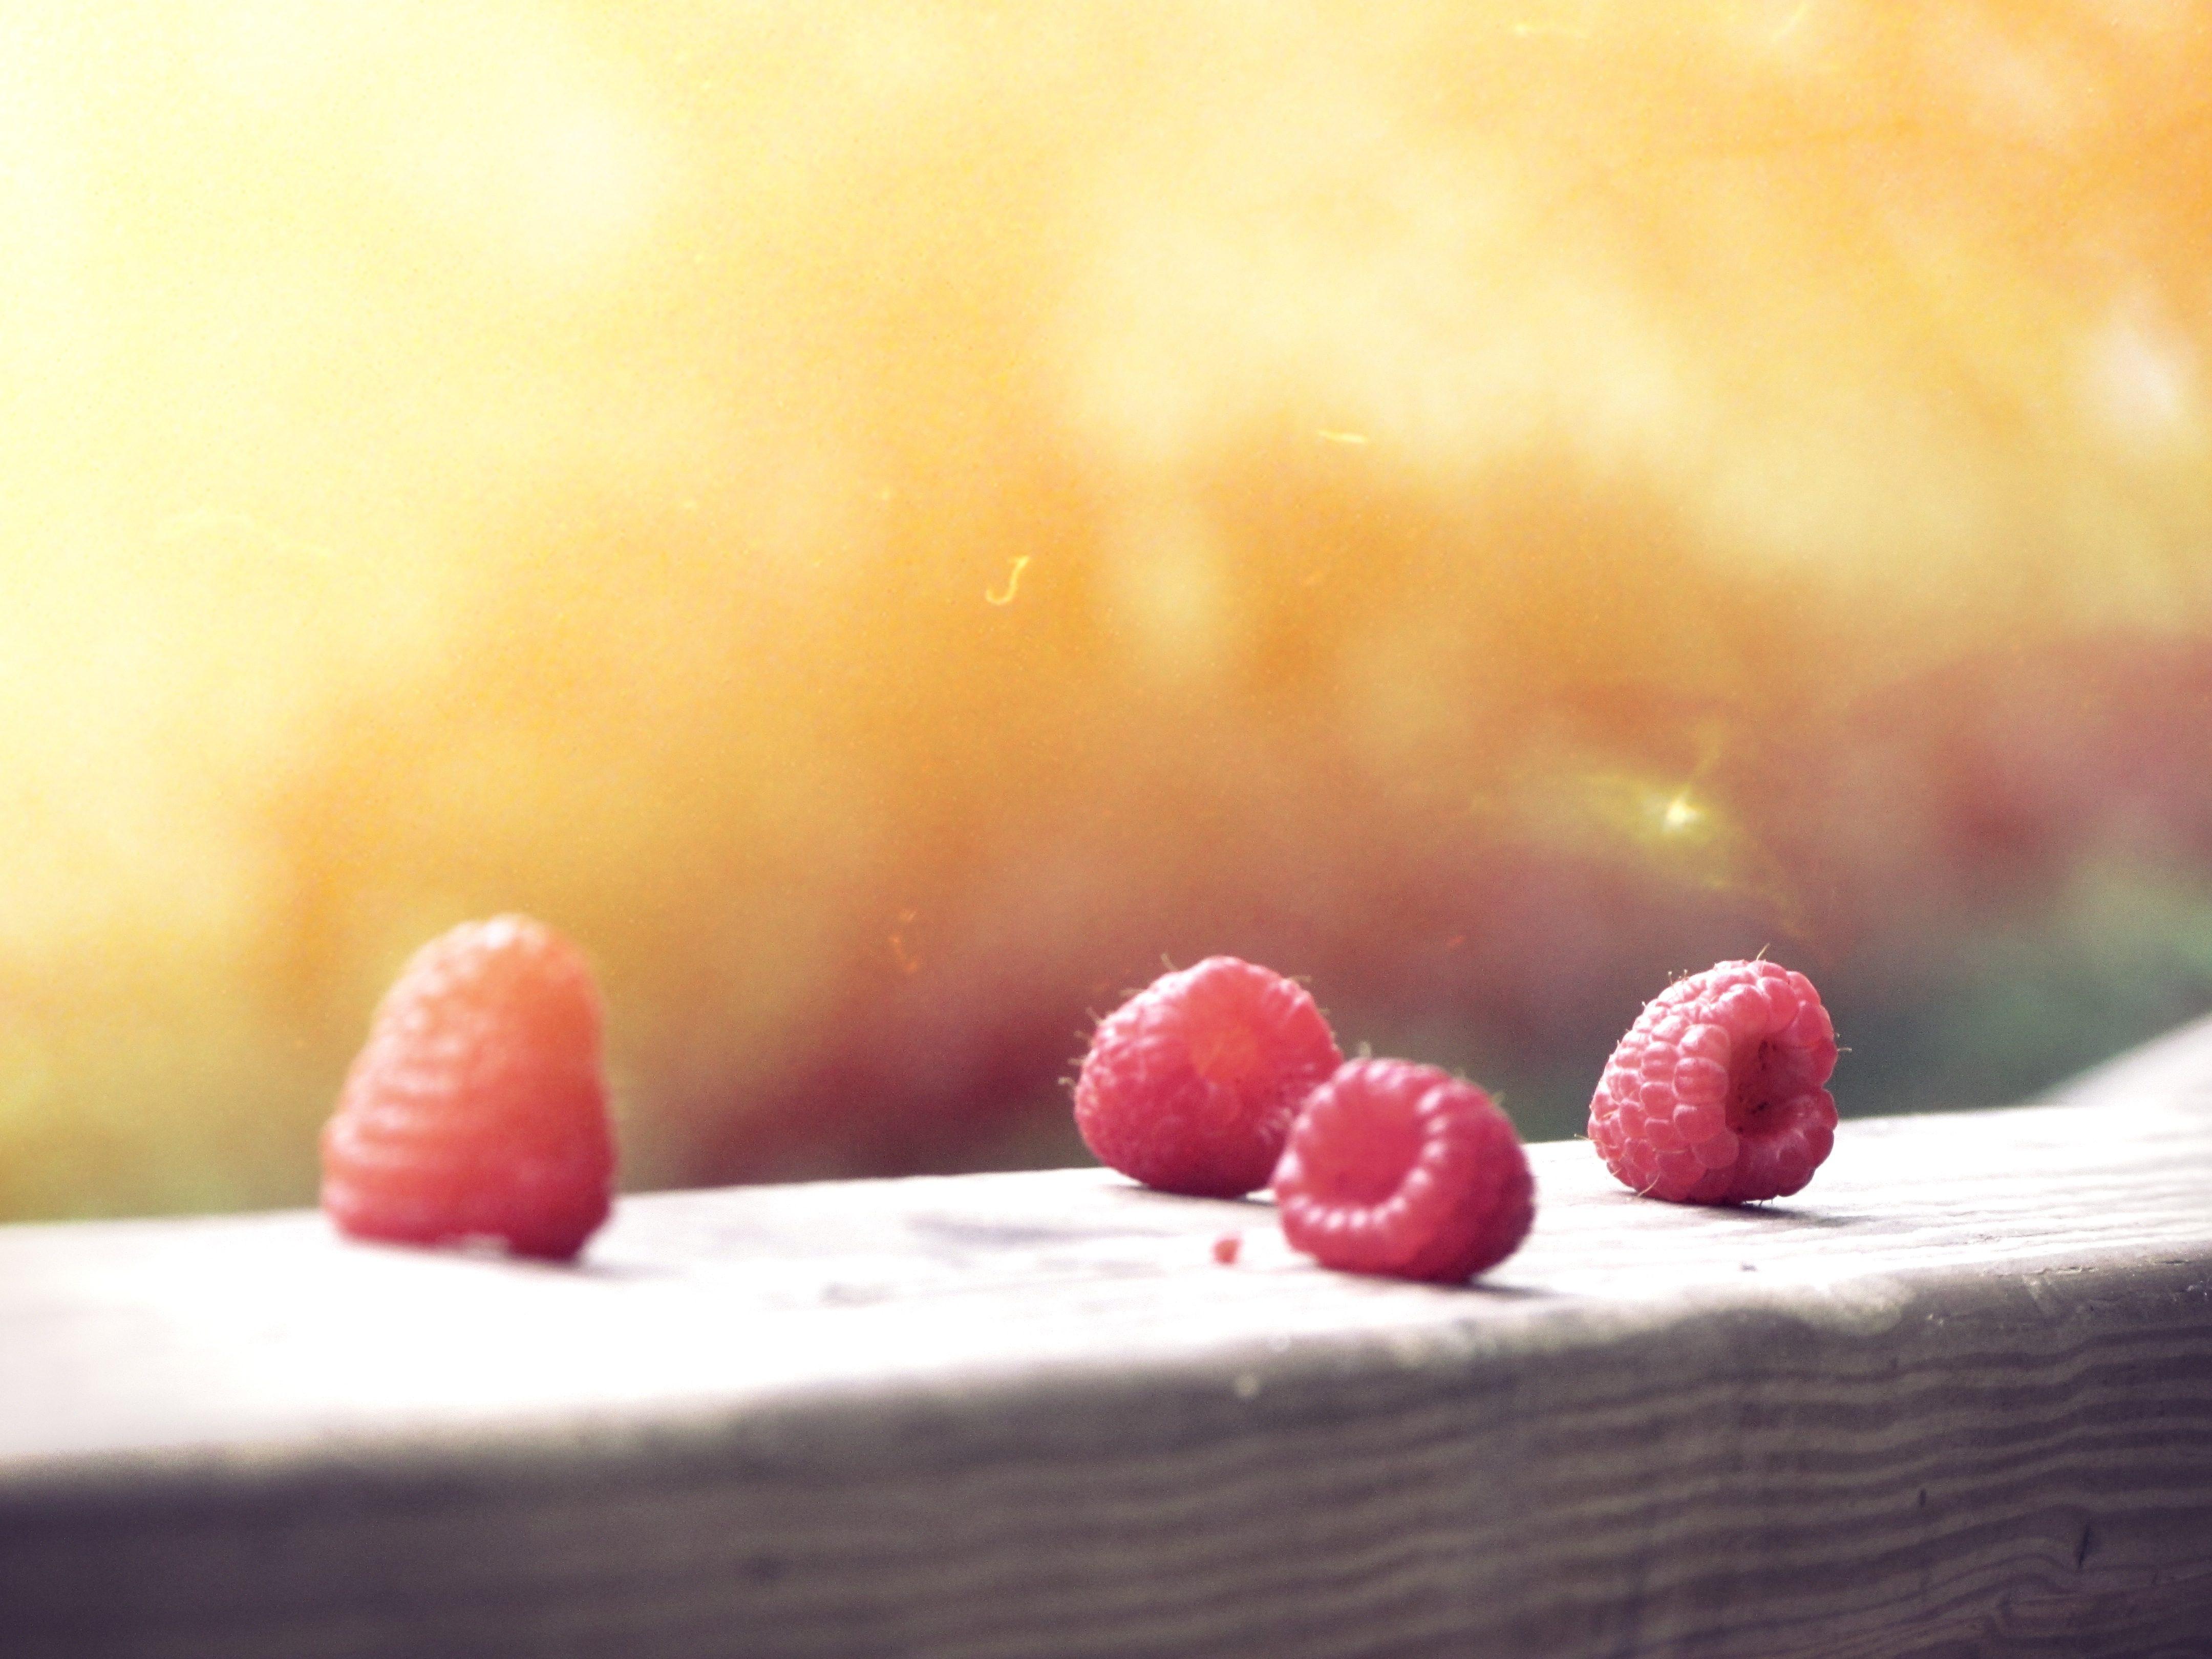 mirtilli, legno, frutta, Sole, luminosità - Sfondi HD - Professor-falken.com